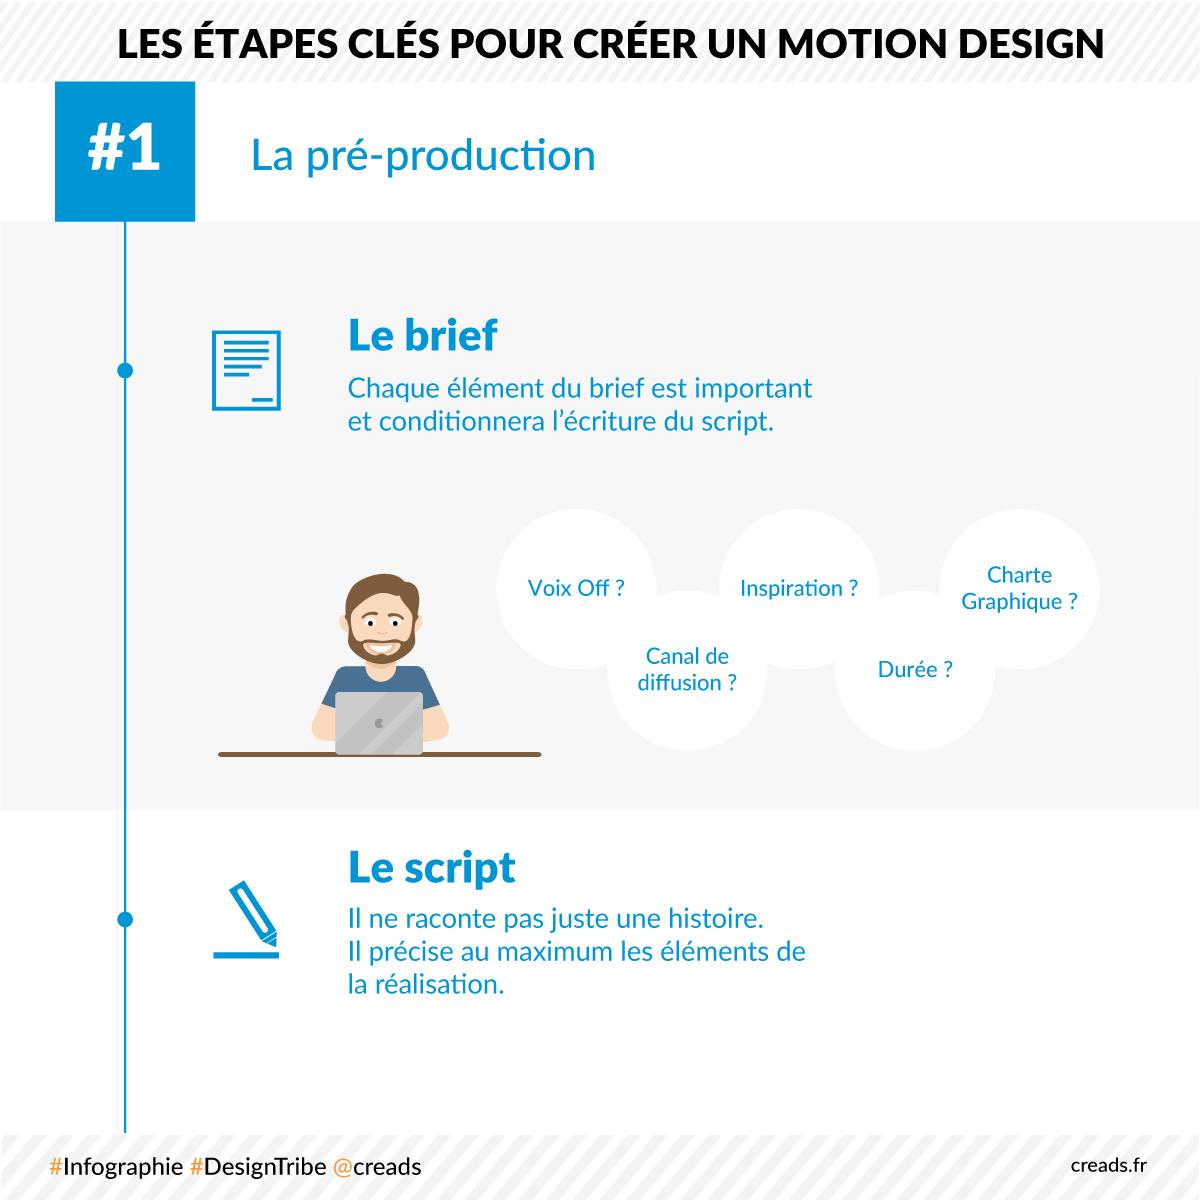 Creads_declinaison_infographie_motion_reseau_decli5